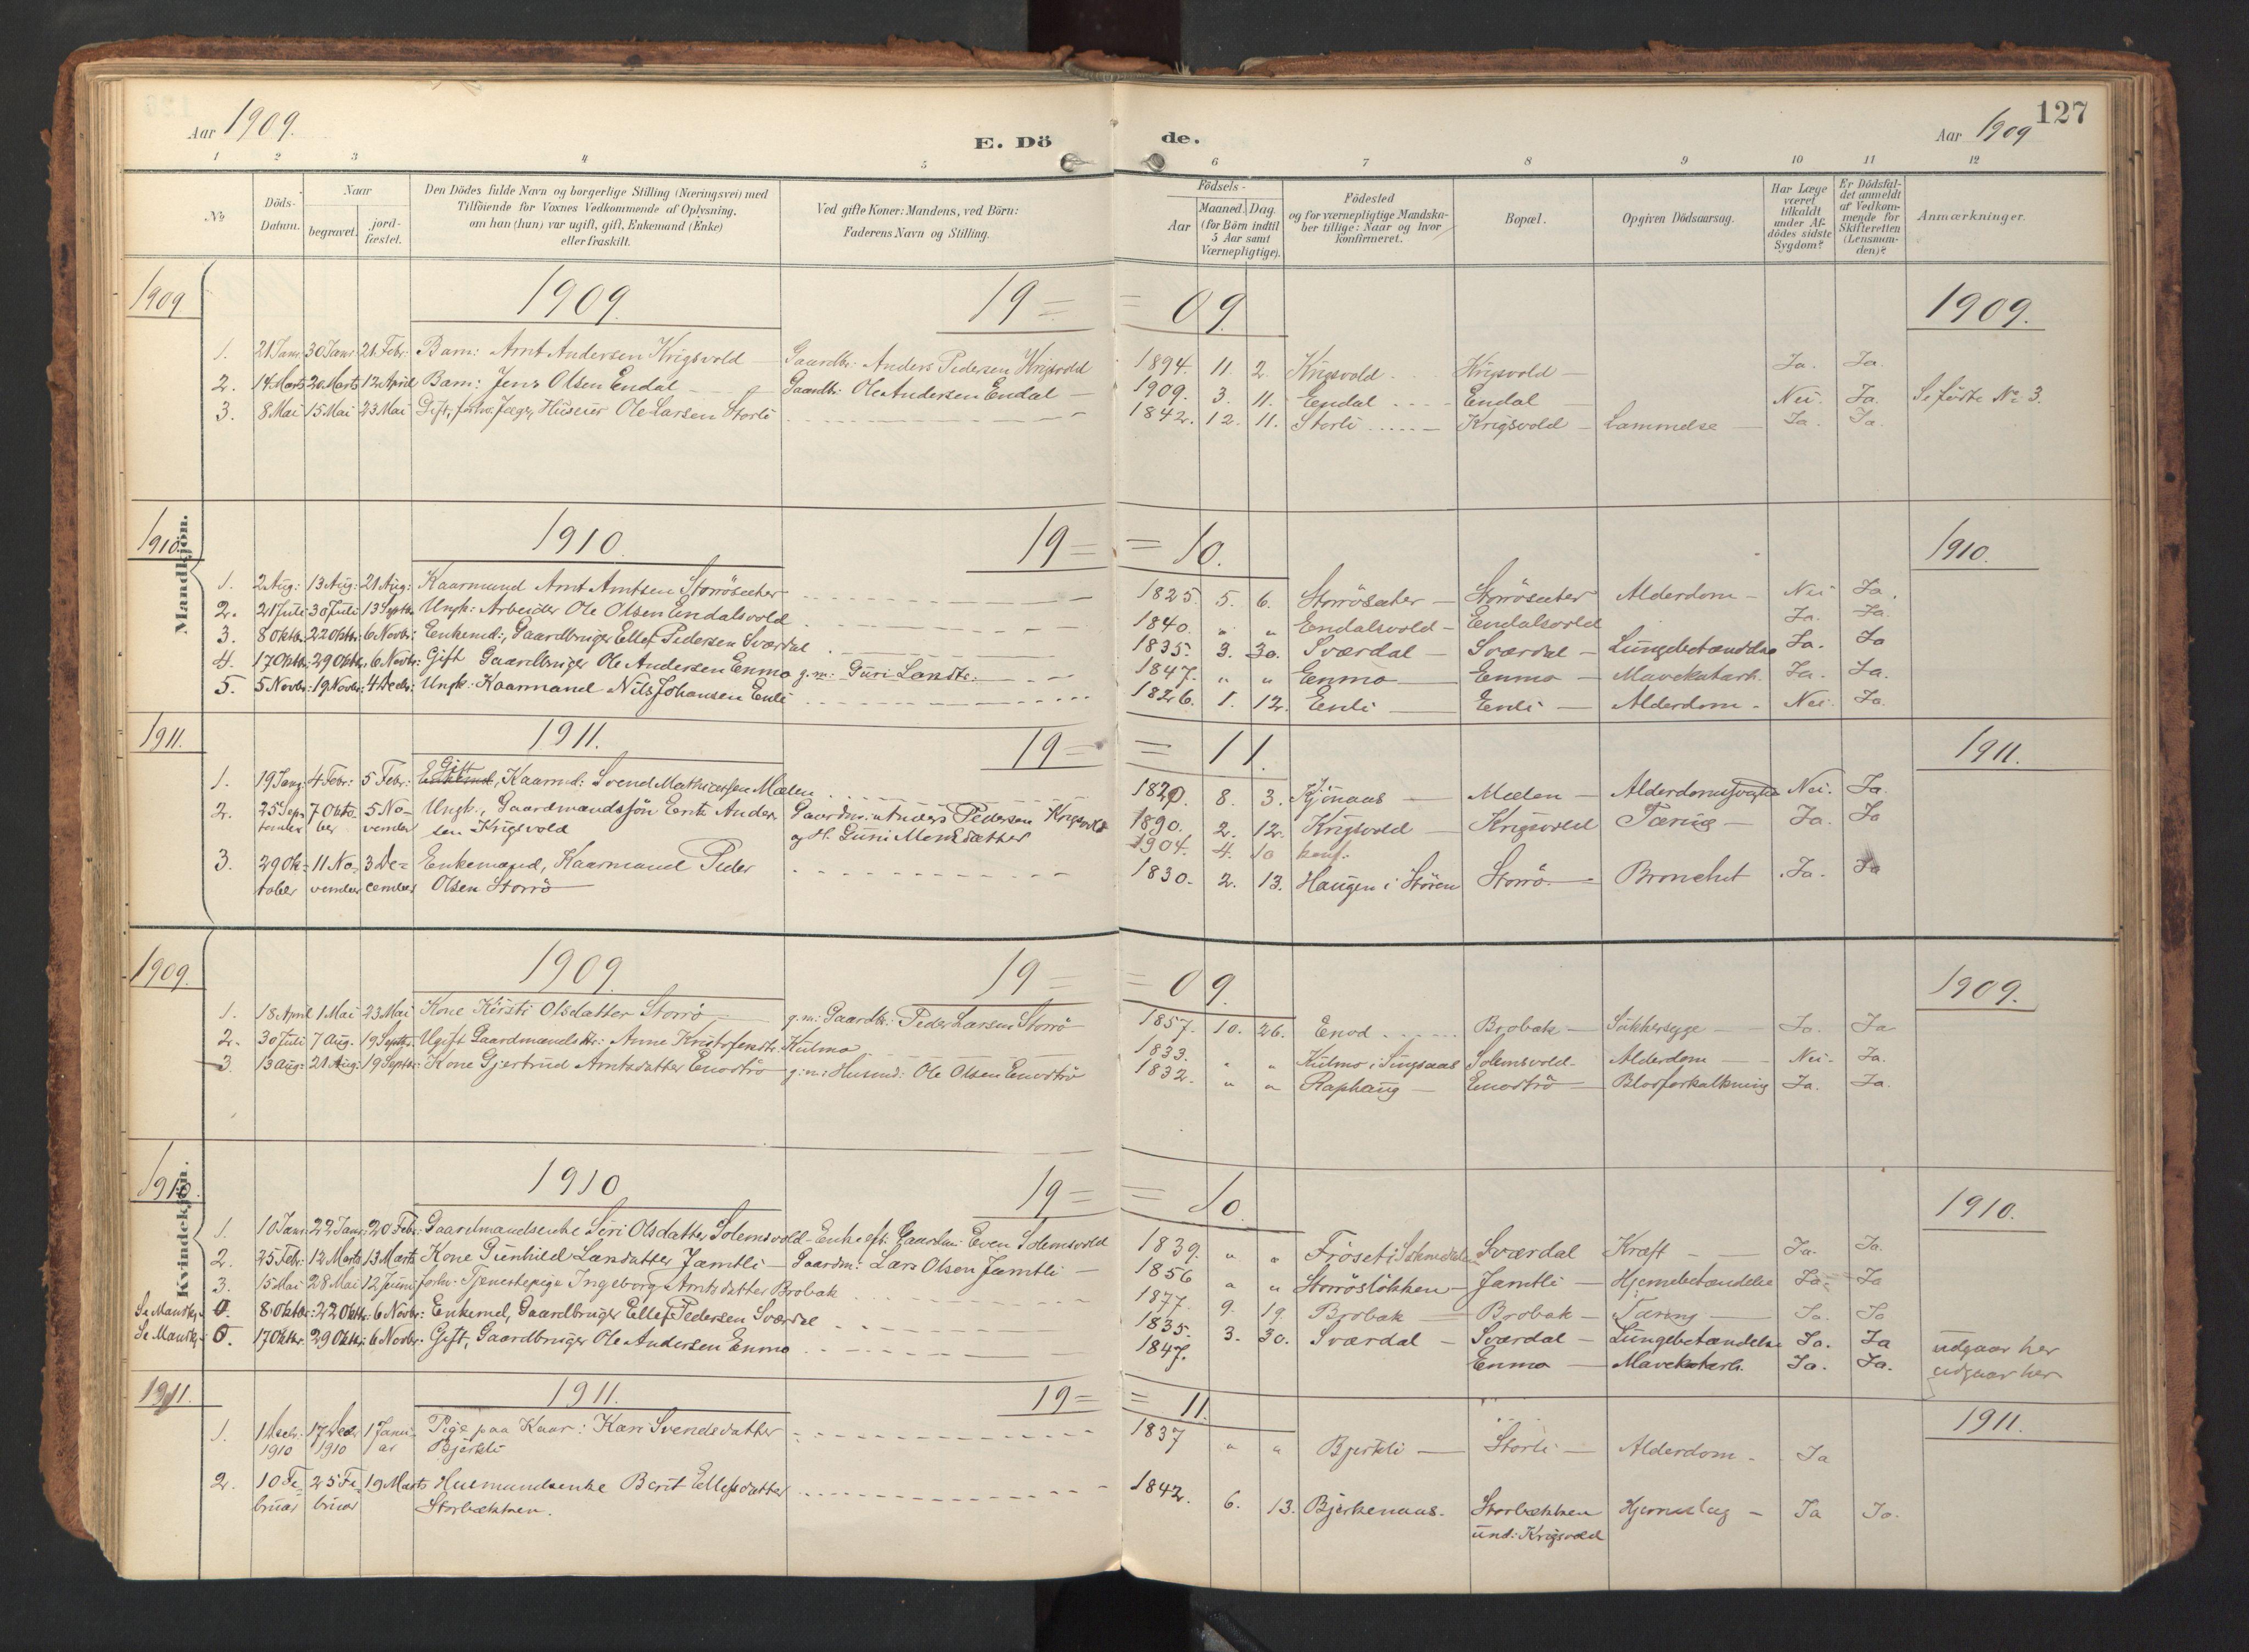 SAT, Ministerialprotokoller, klokkerbøker og fødselsregistre - Sør-Trøndelag, 690/L1050: Ministerialbok nr. 690A01, 1889-1929, s. 127